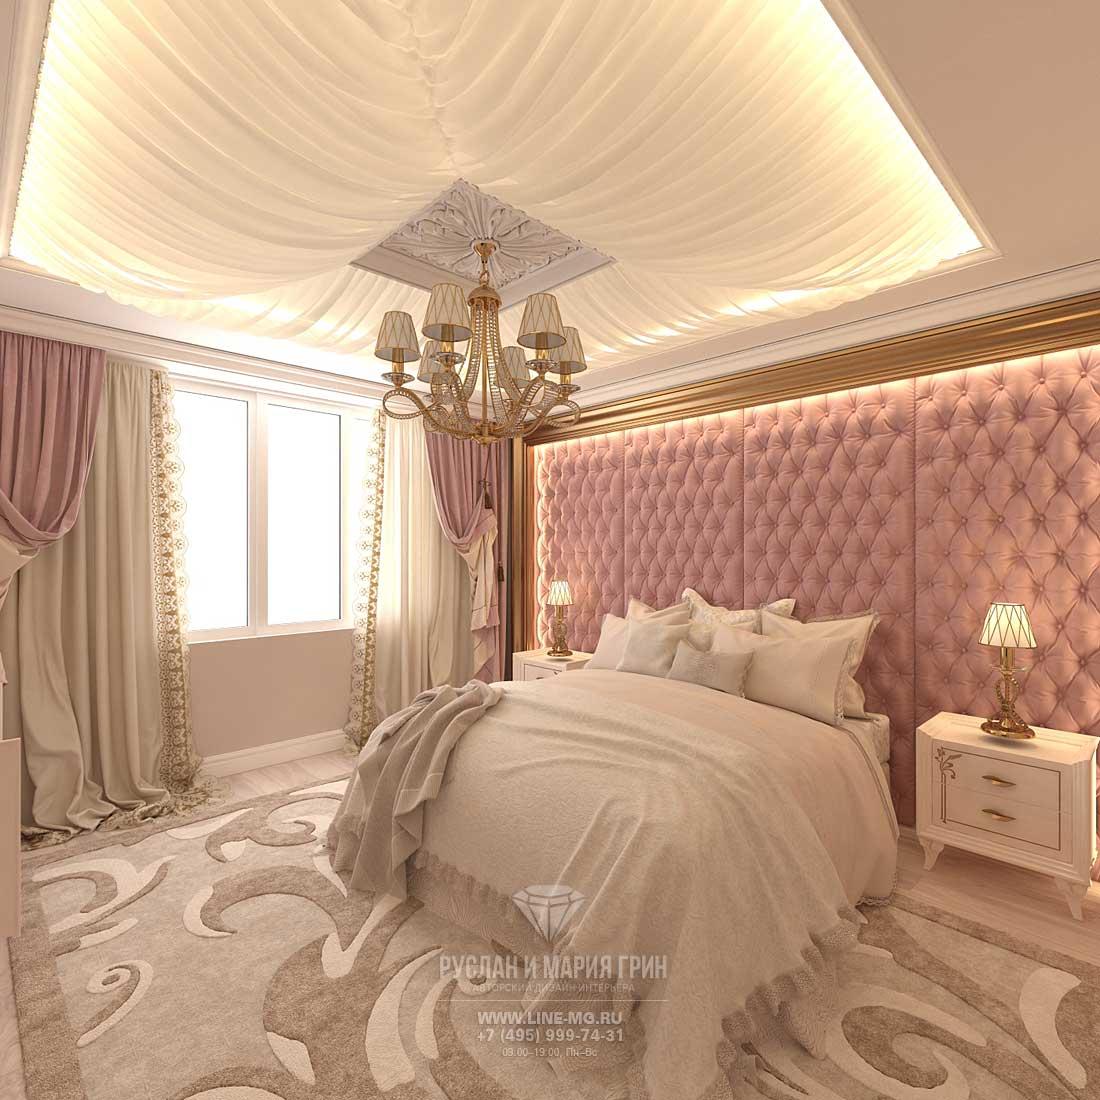 Дизайн комнаты фото 2016 современные идеи